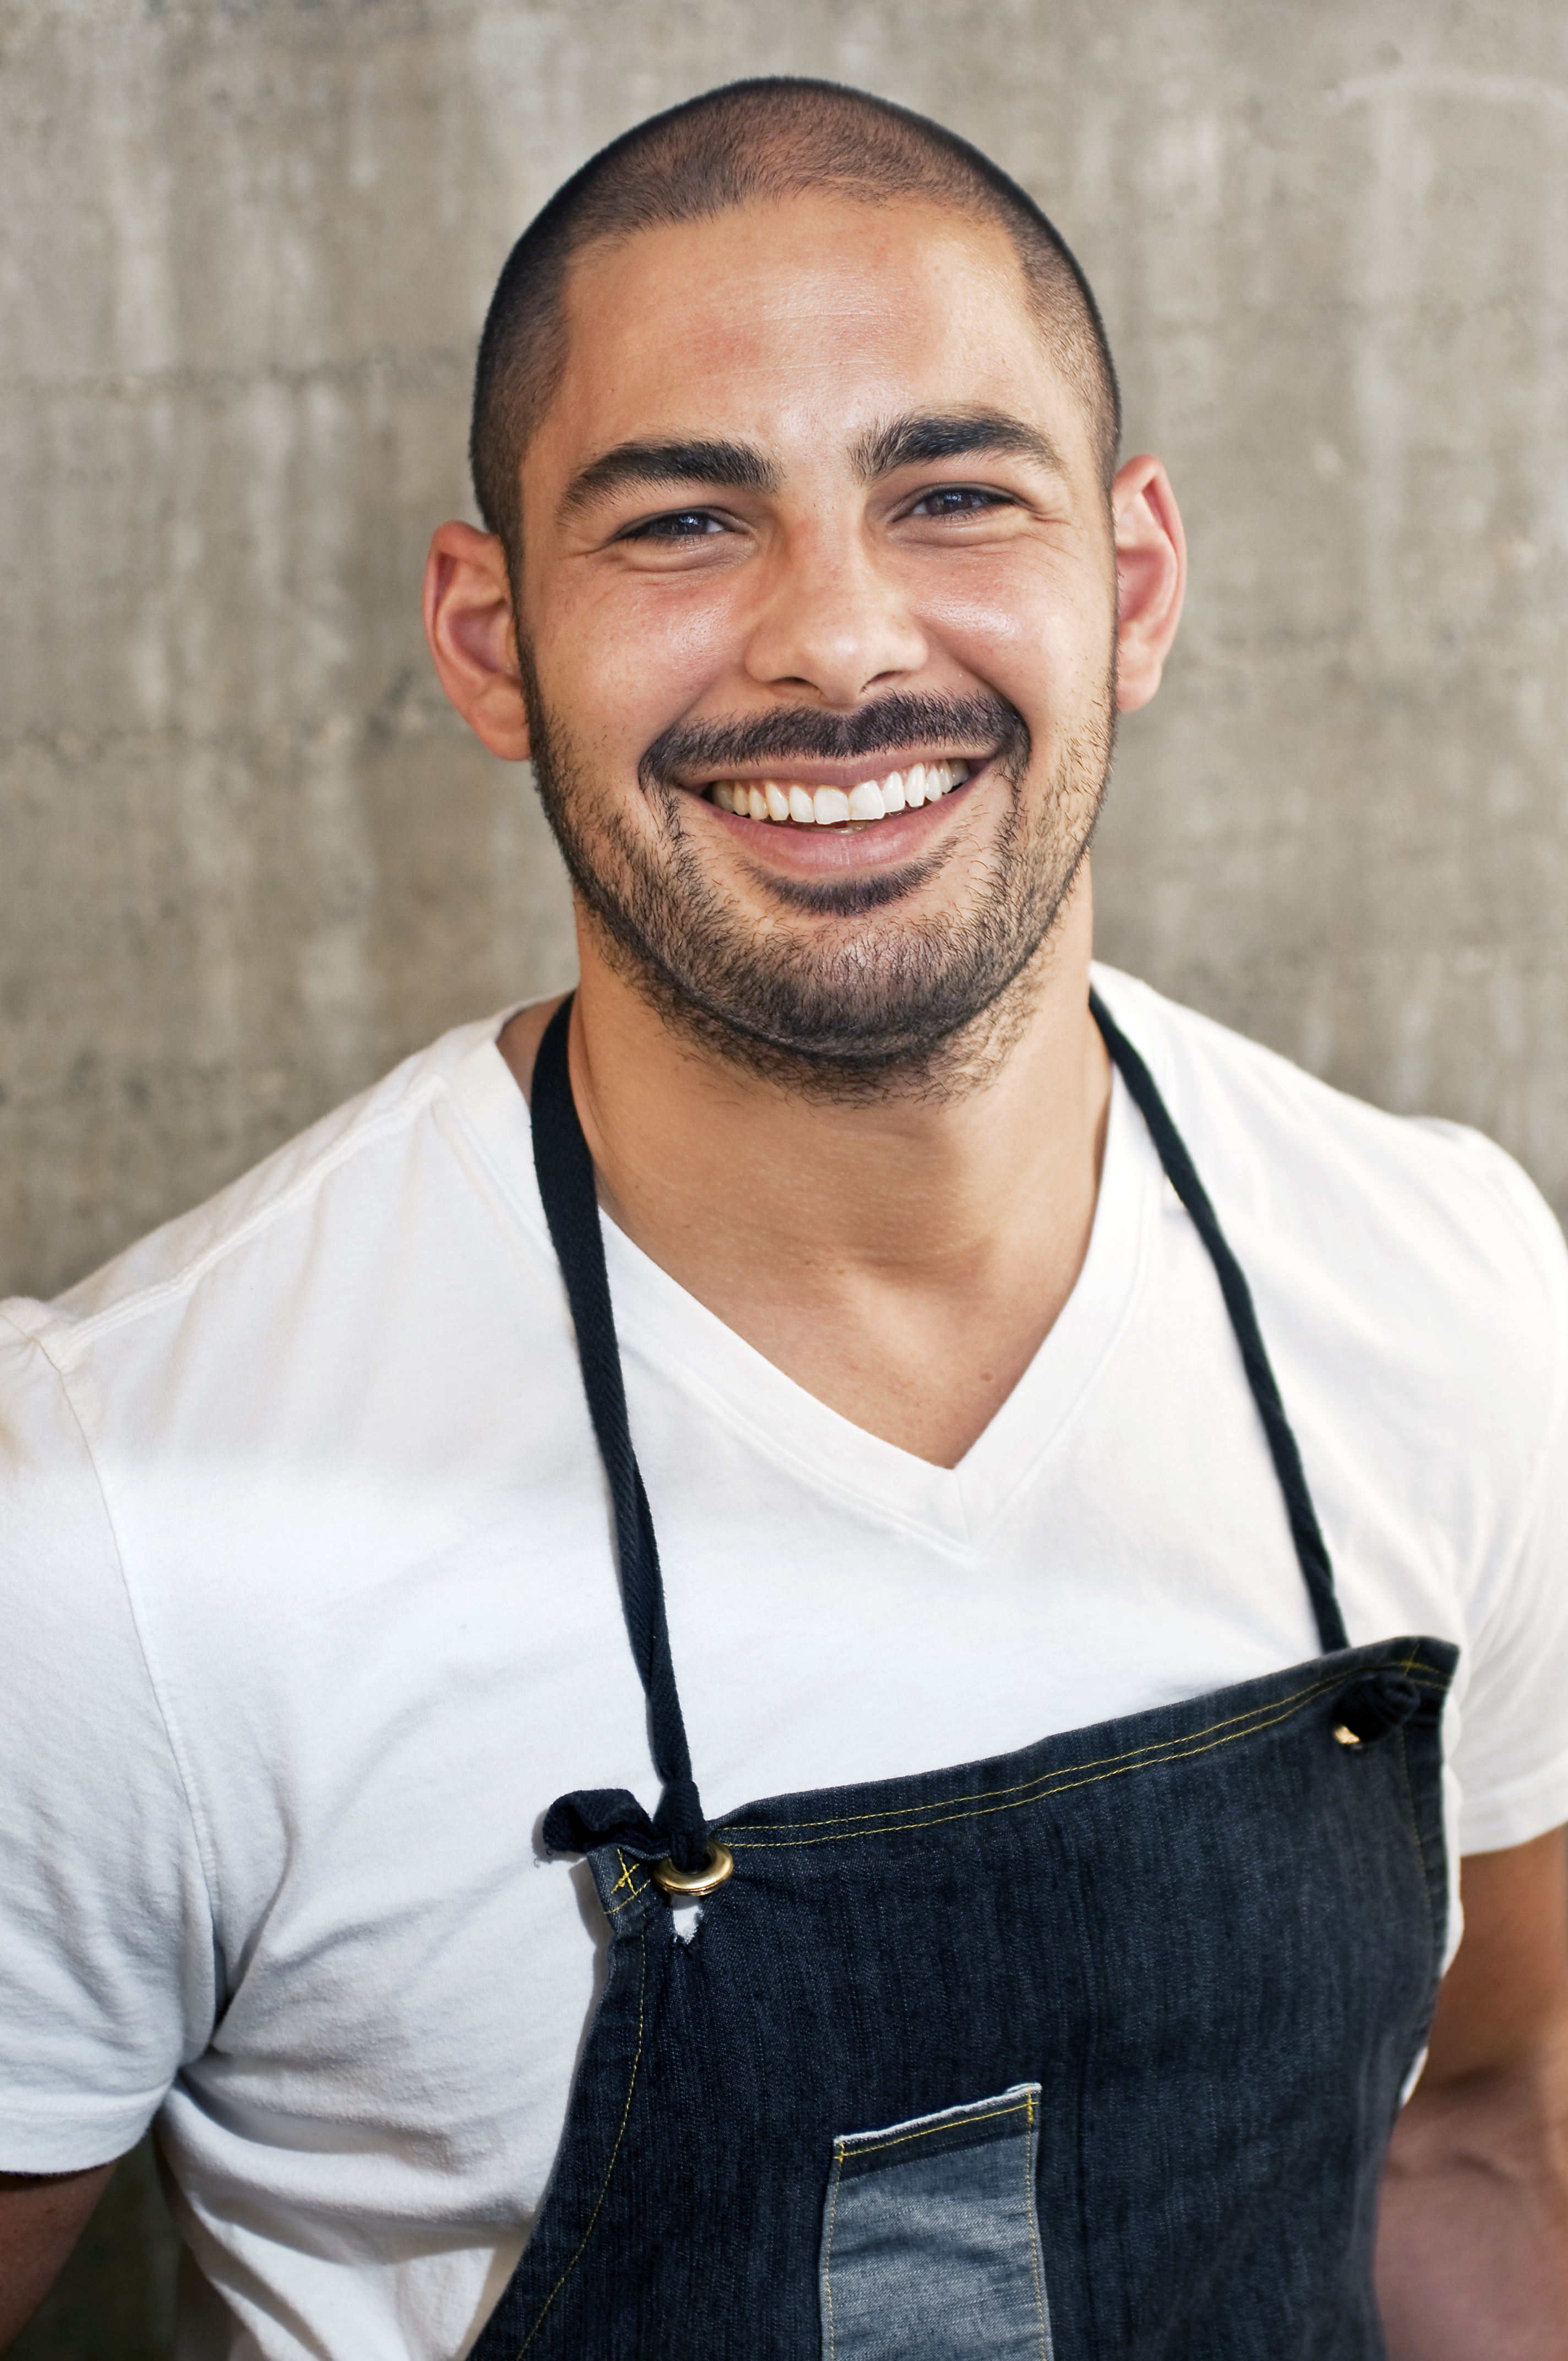 Chef Louis Maldonado